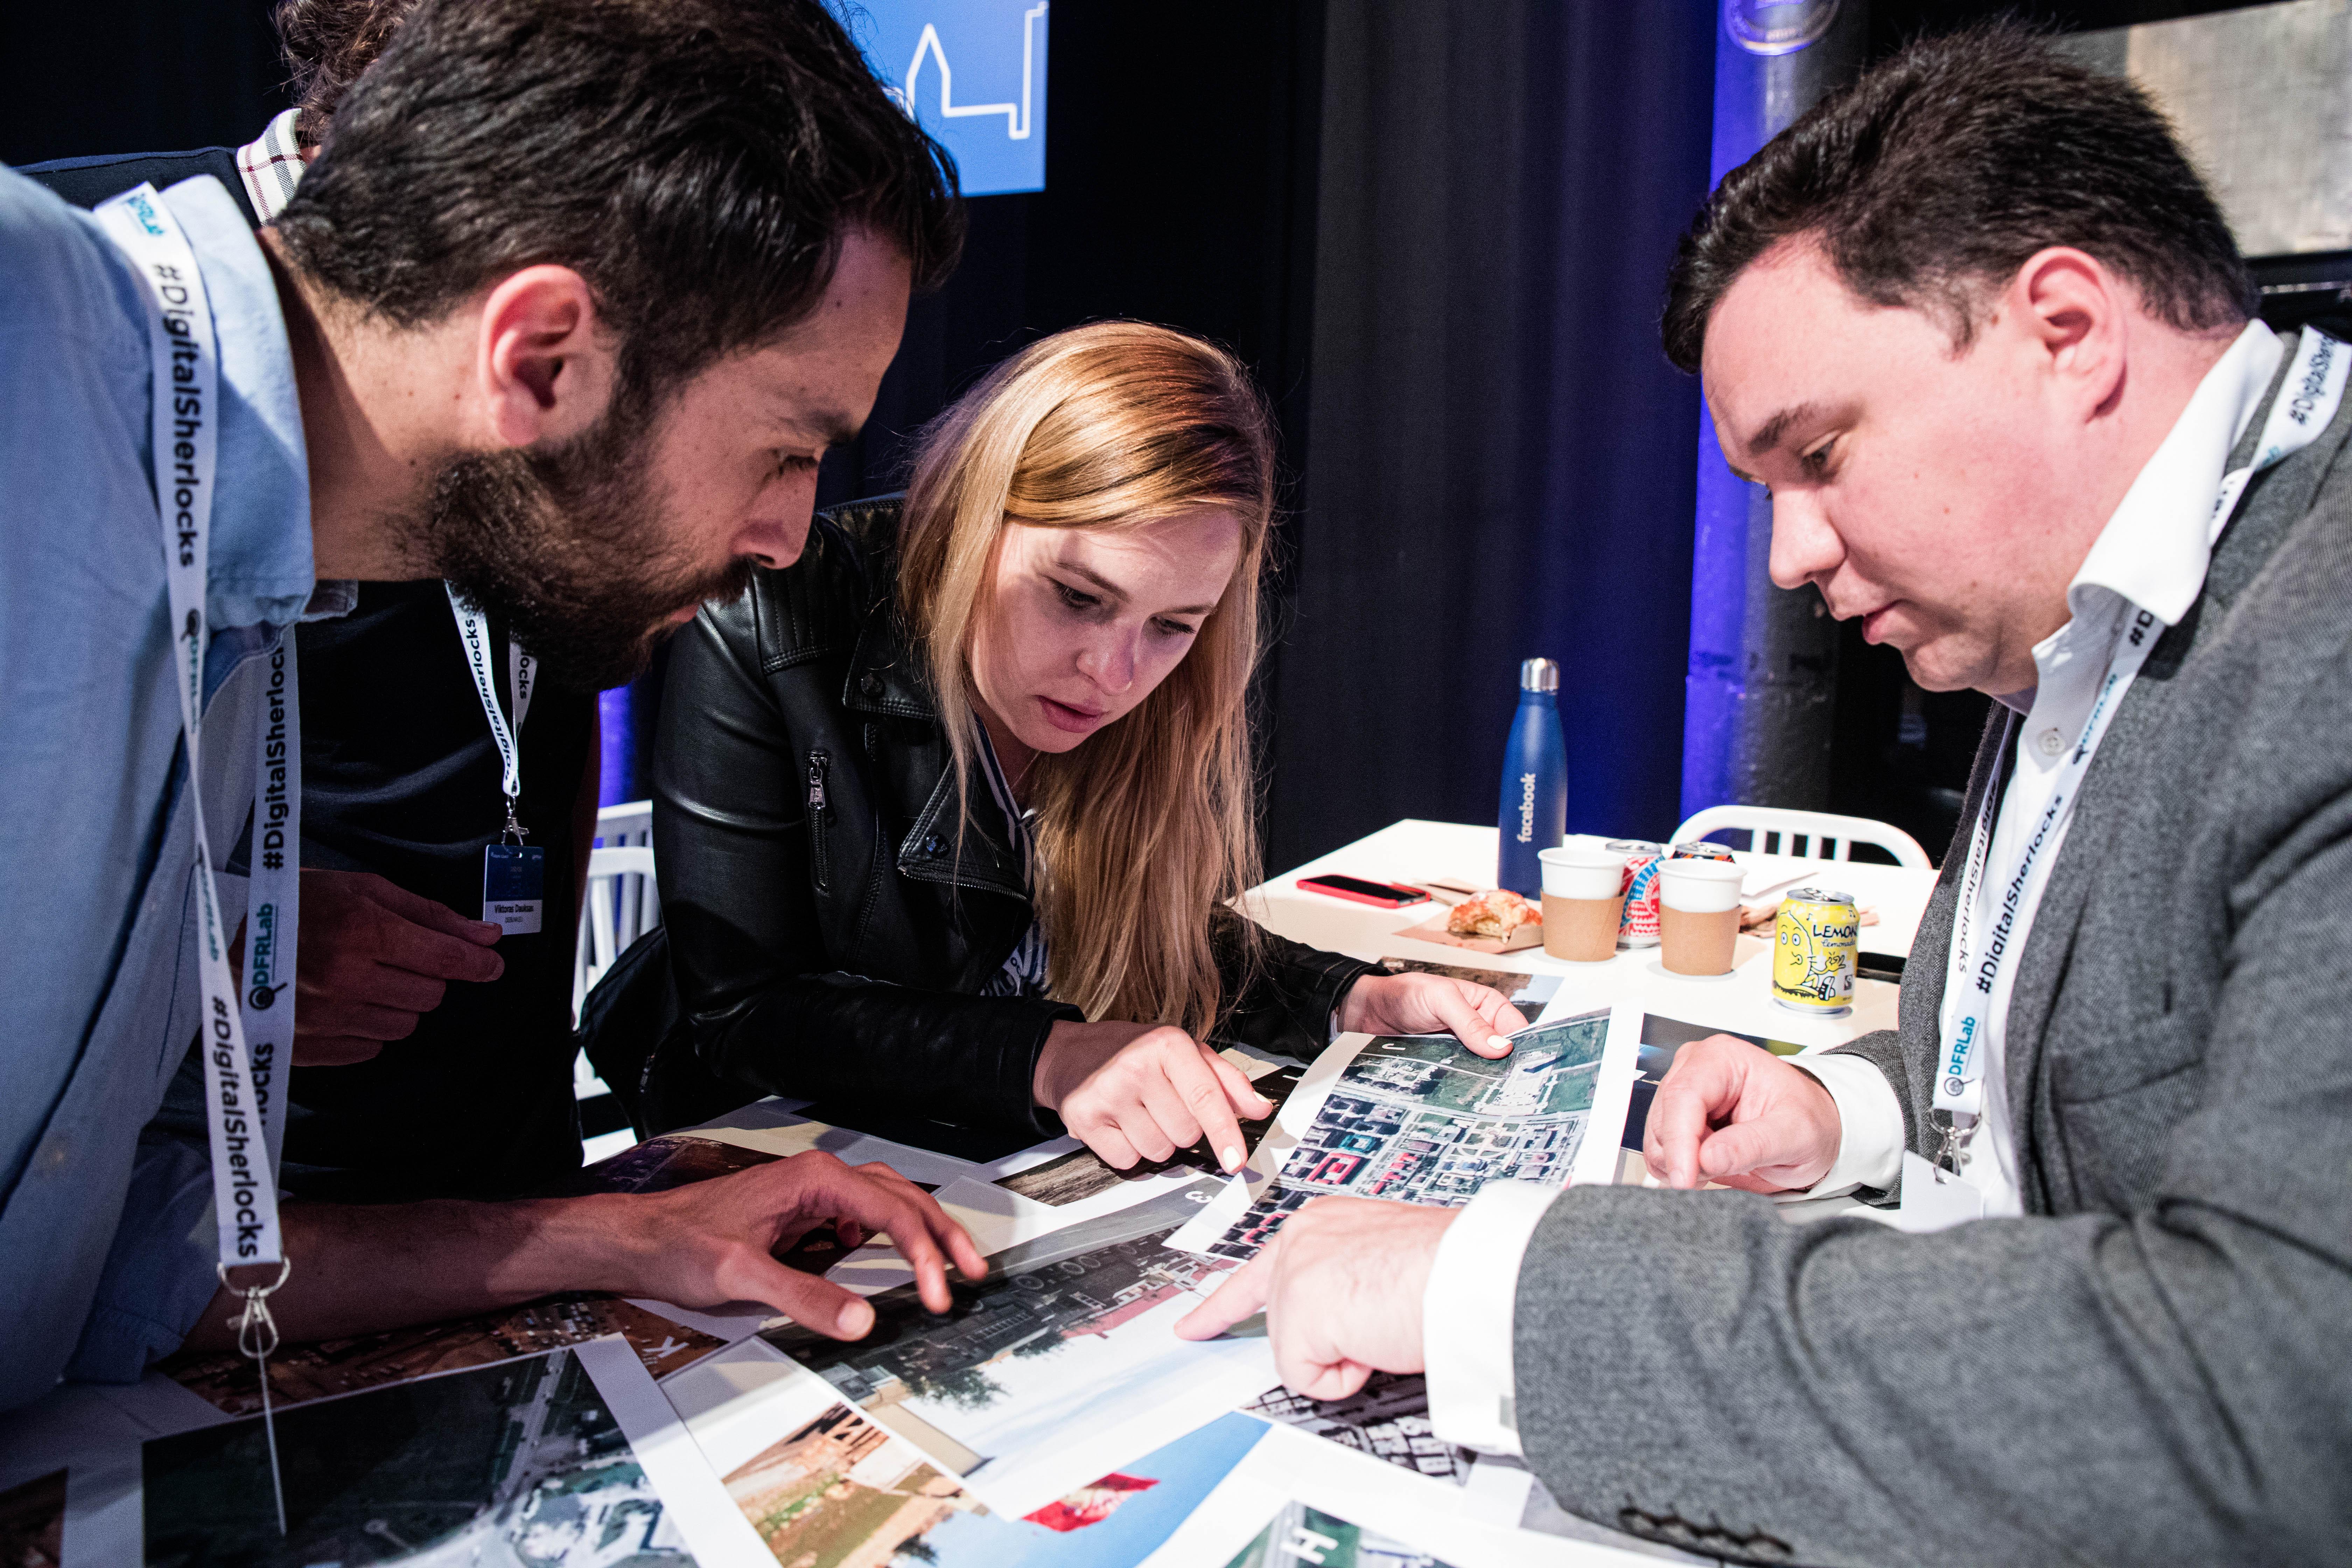 Participants at 360/OS